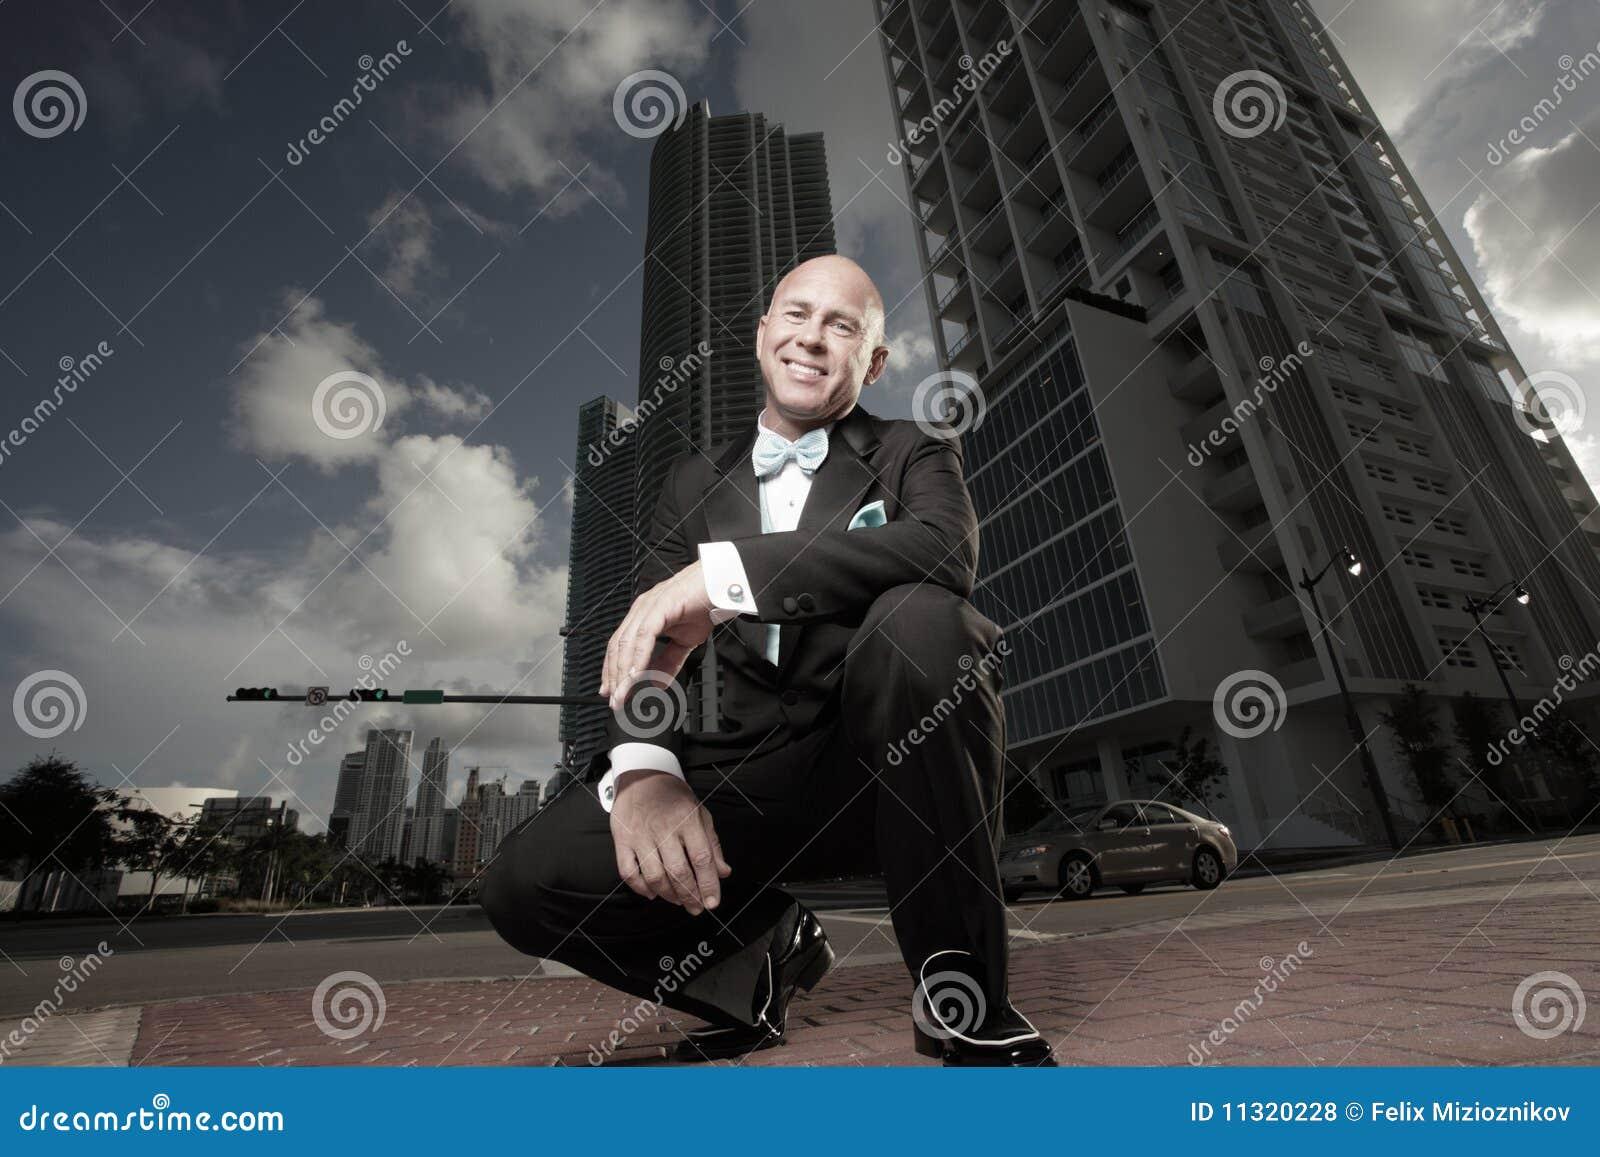 Grundwinkelsicht eines Mannes im Stadtzentrum gelegen